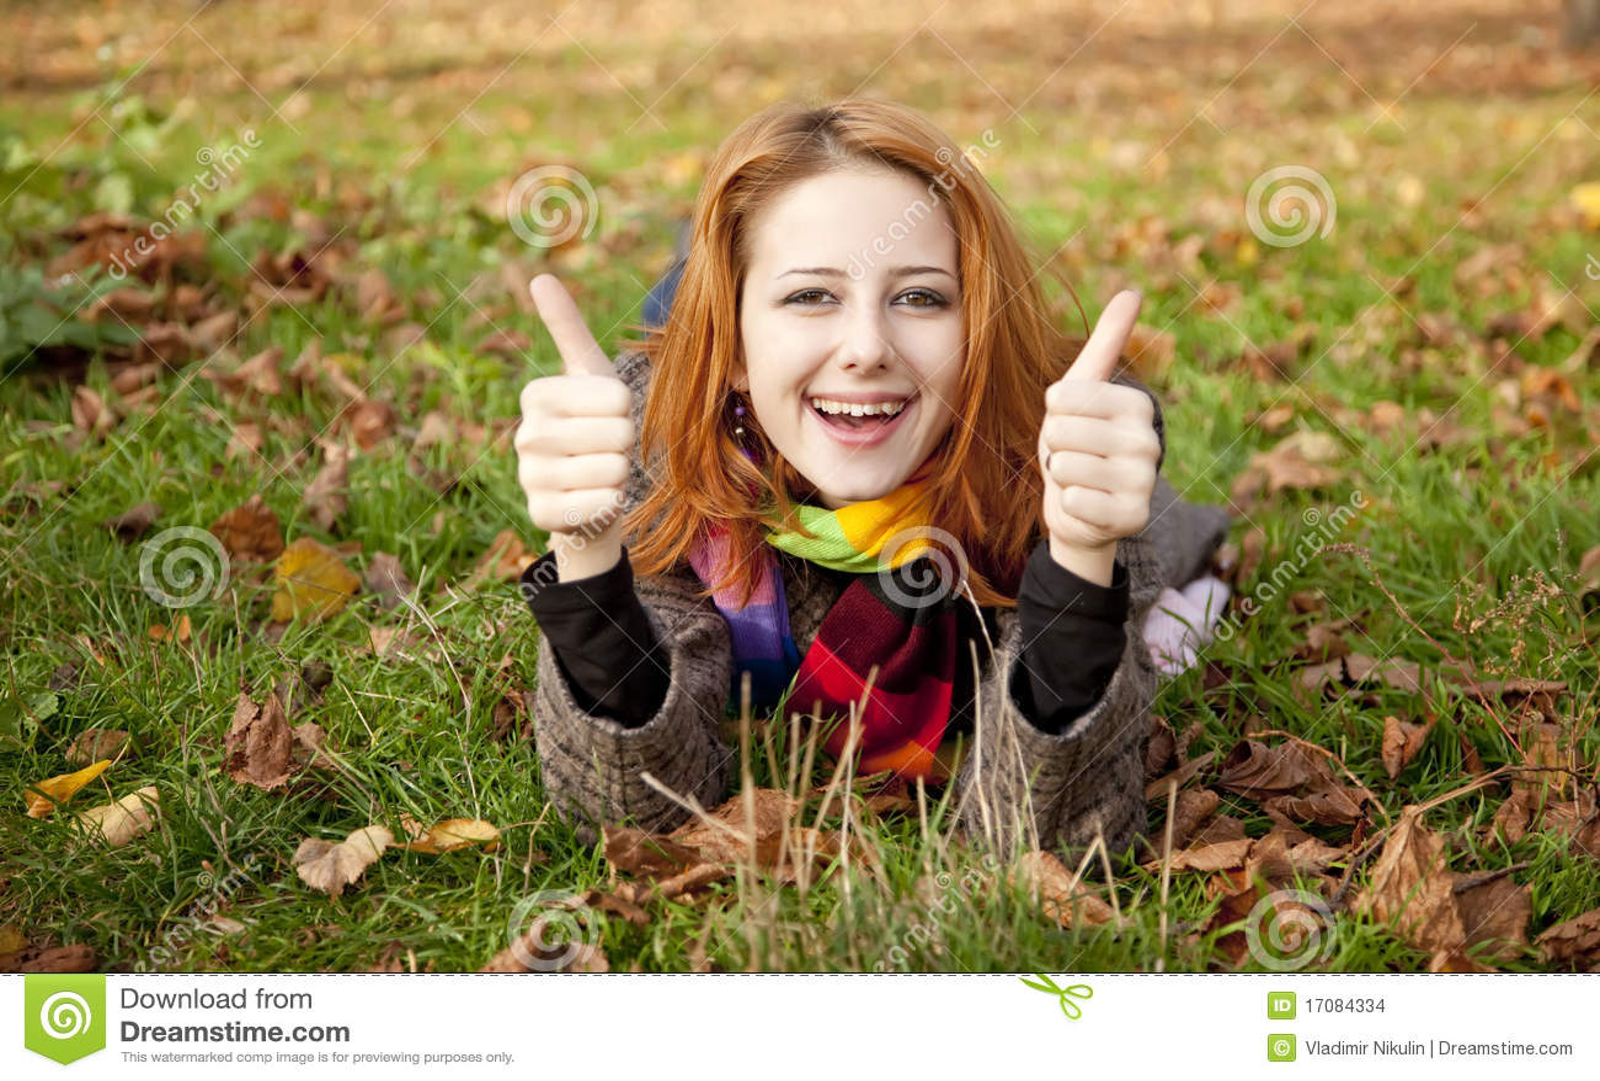 Portrait des red-haired Mädchens im Herbstpark.